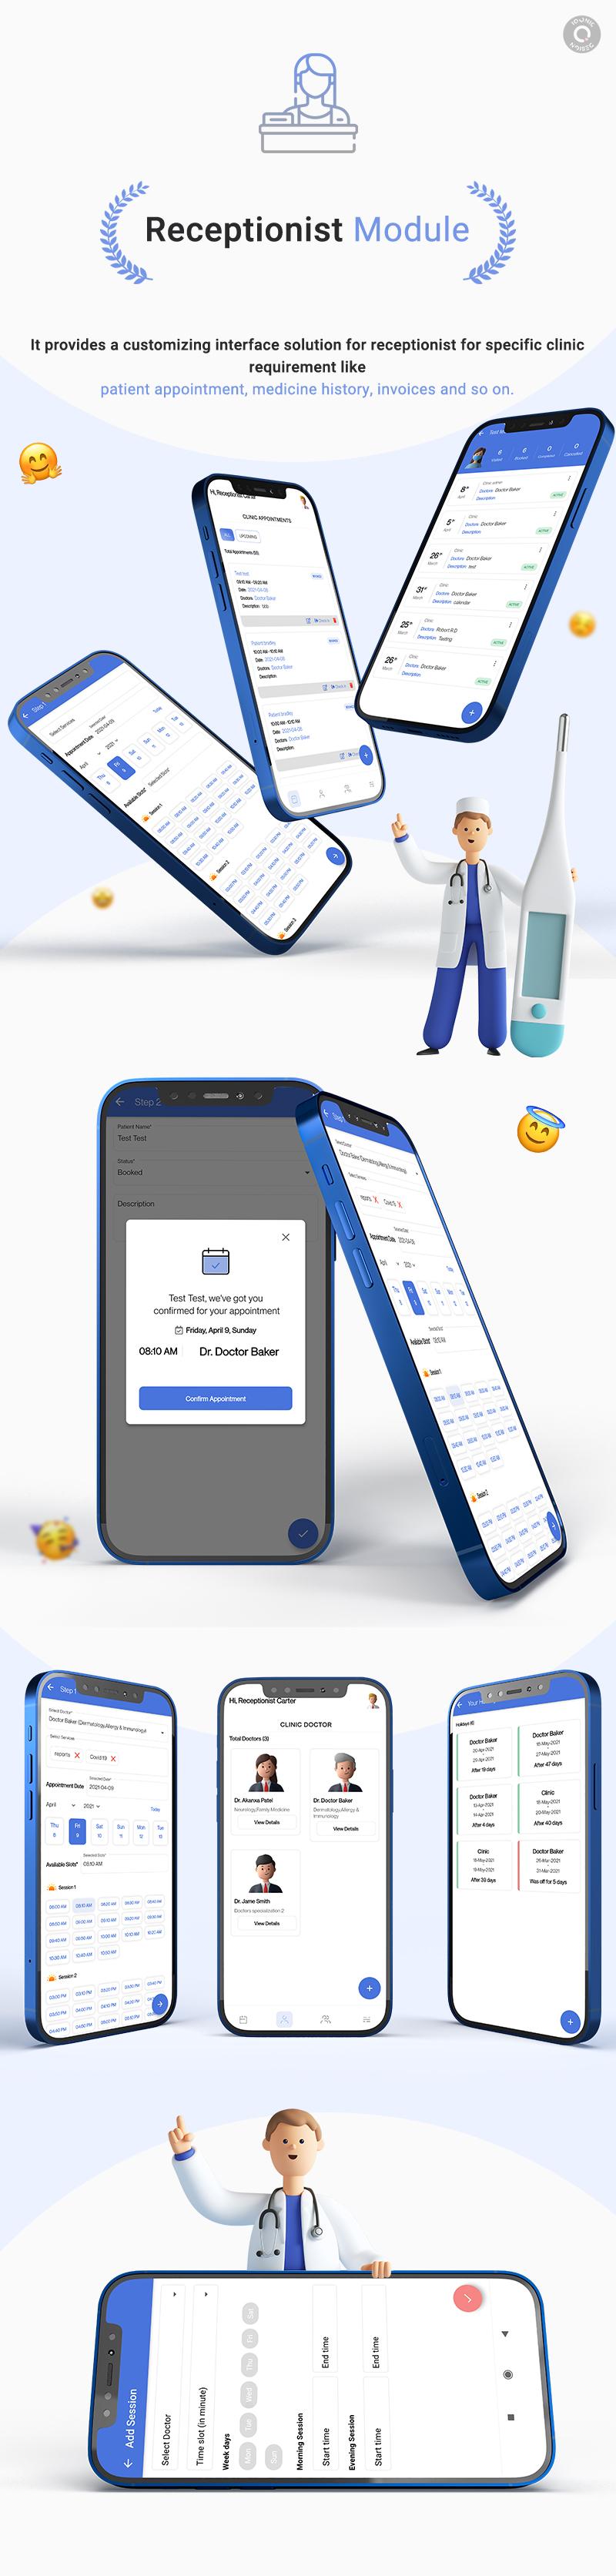 KiviCare Flutter 2.0 App – Clinic & Patient Management System - 13 clinic and patient management system KiviCare Flutter 2.0 App Receptionist